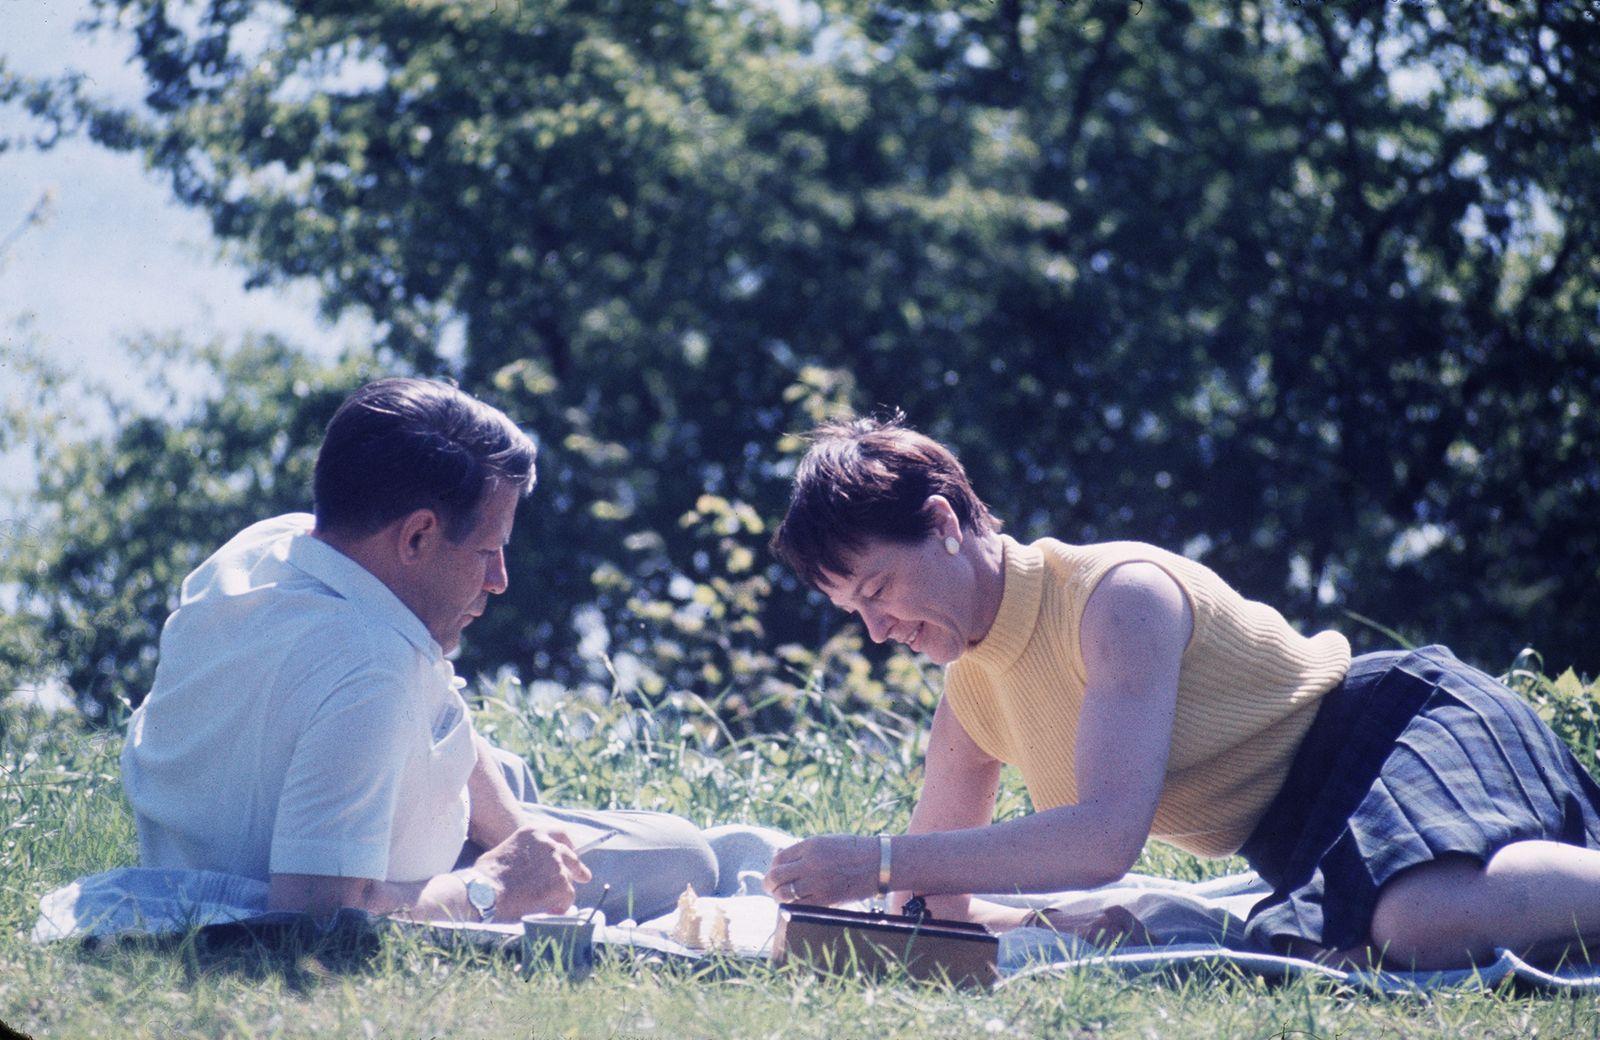 Schmidt, Helmut - Politiker, SPD, D - mit Ehefrau Hannelore (Loki) beim Schachspielen im Garten ihres Ferienhauses am Brahmsee